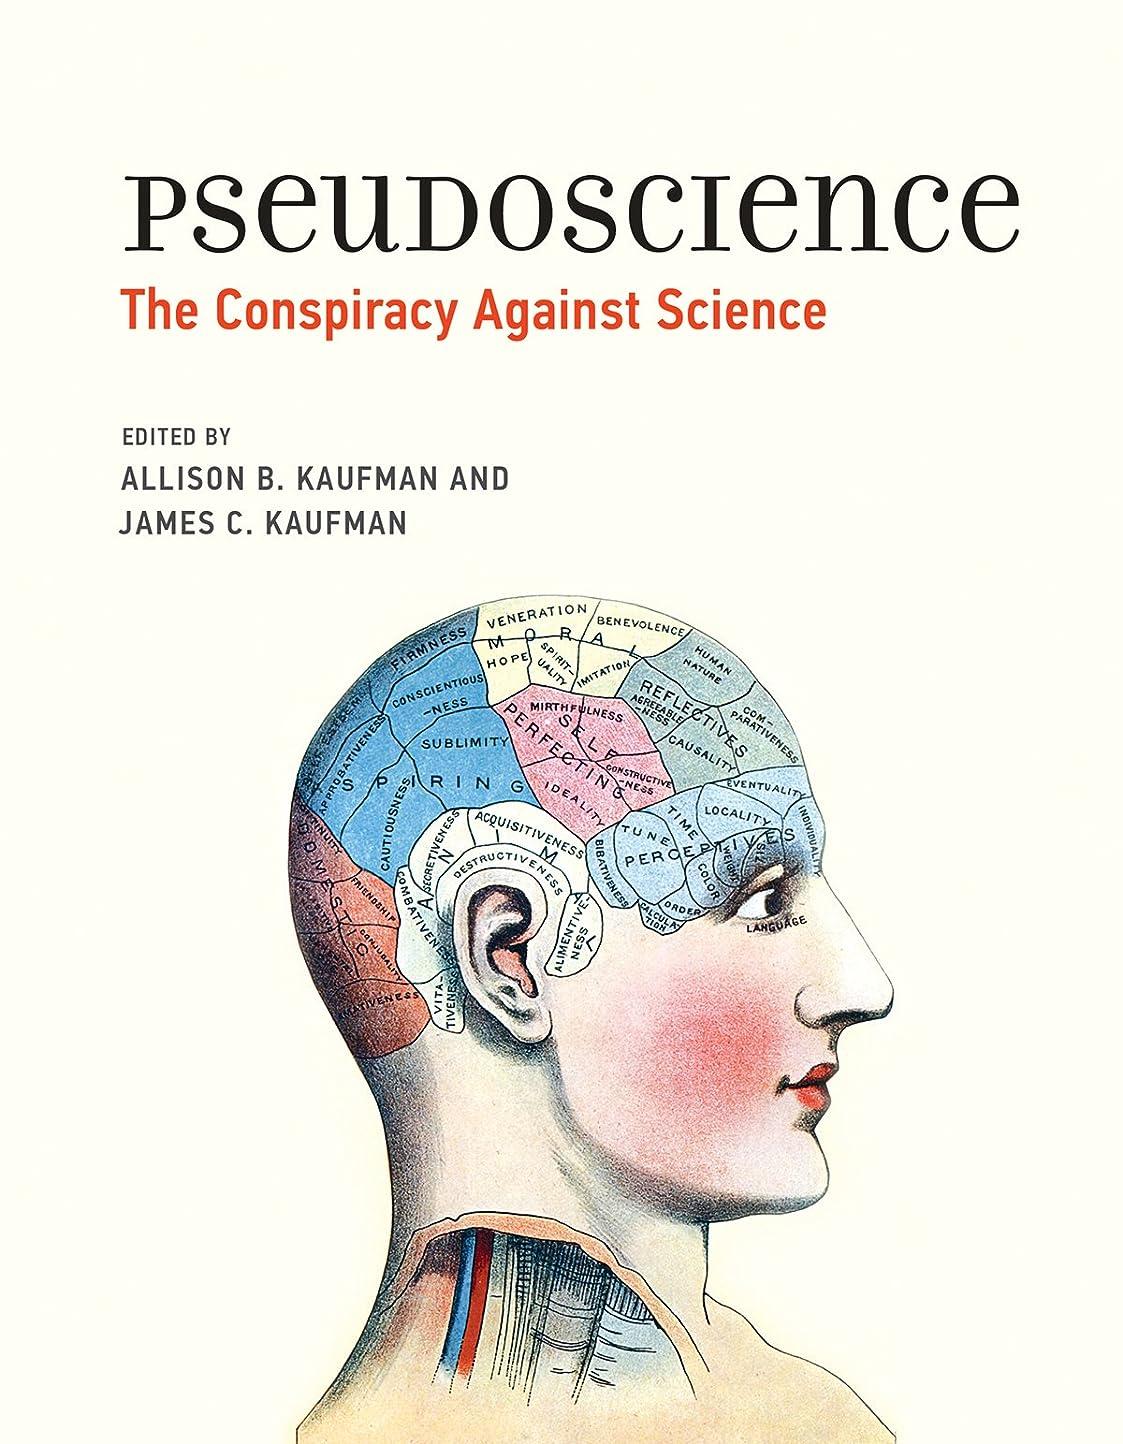 絶滅失礼受け入れるPseudoscience: The Conspiracy Against Science (The MIT Press) (English Edition)